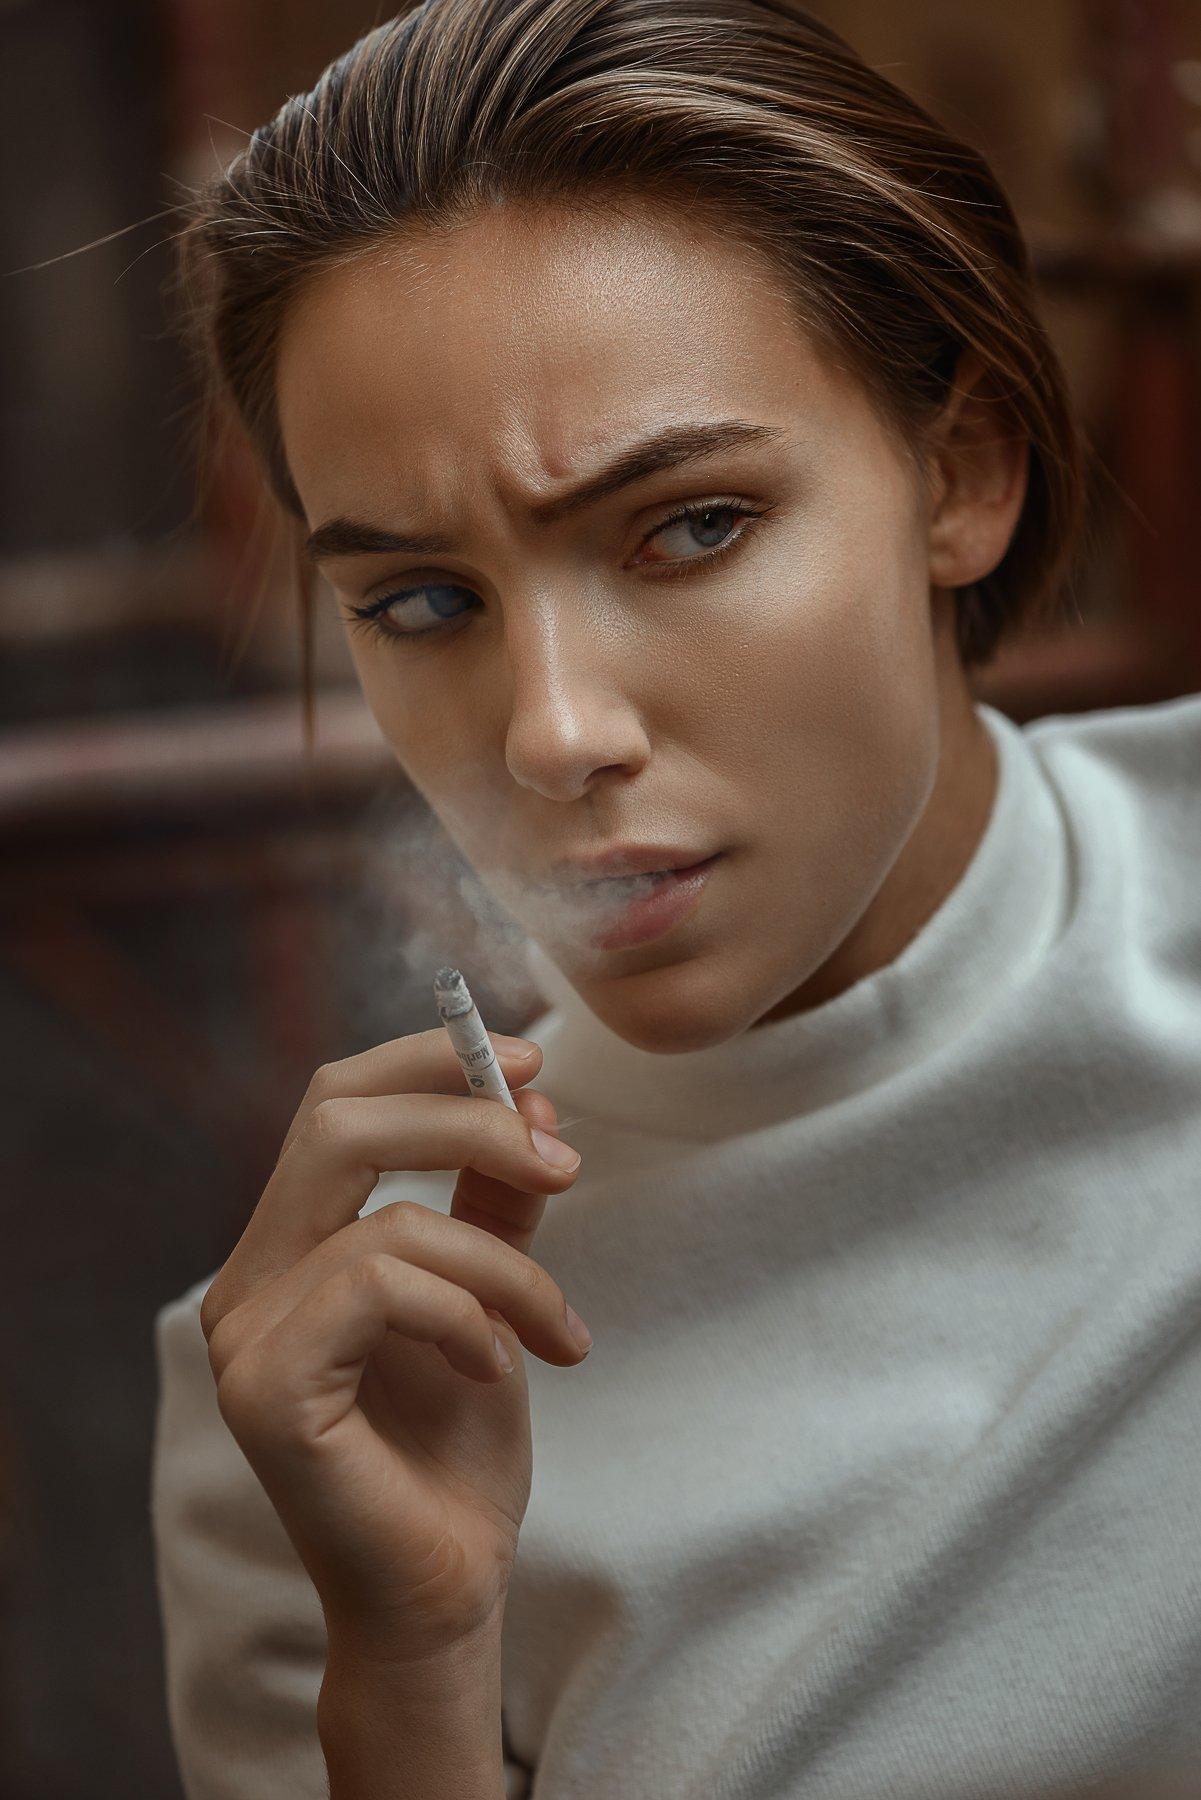 Портрет, взгляд, девушка, Цвет, Павел Соколов